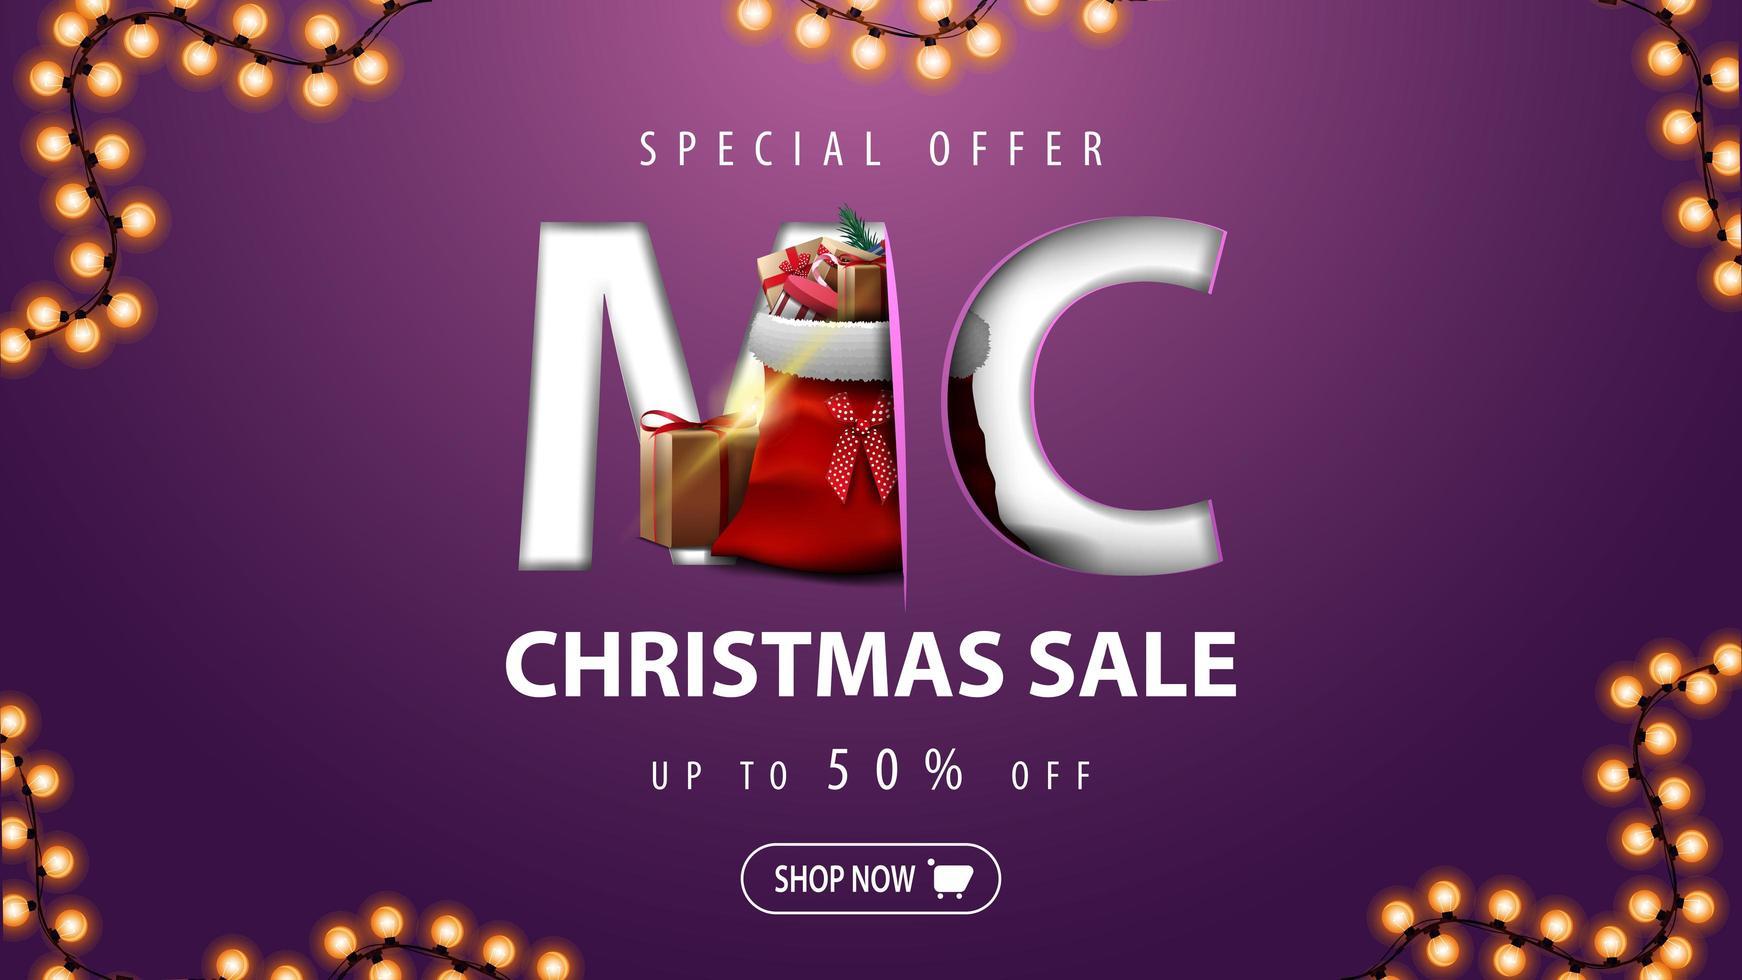 Weihnachtsverkauf, bis zu 50 Rabatt, schönes Rabatt-Banner im Minimalismus-Stil mit Girlande und Weihnachtsmann-Tasche mit Geschenken vektor